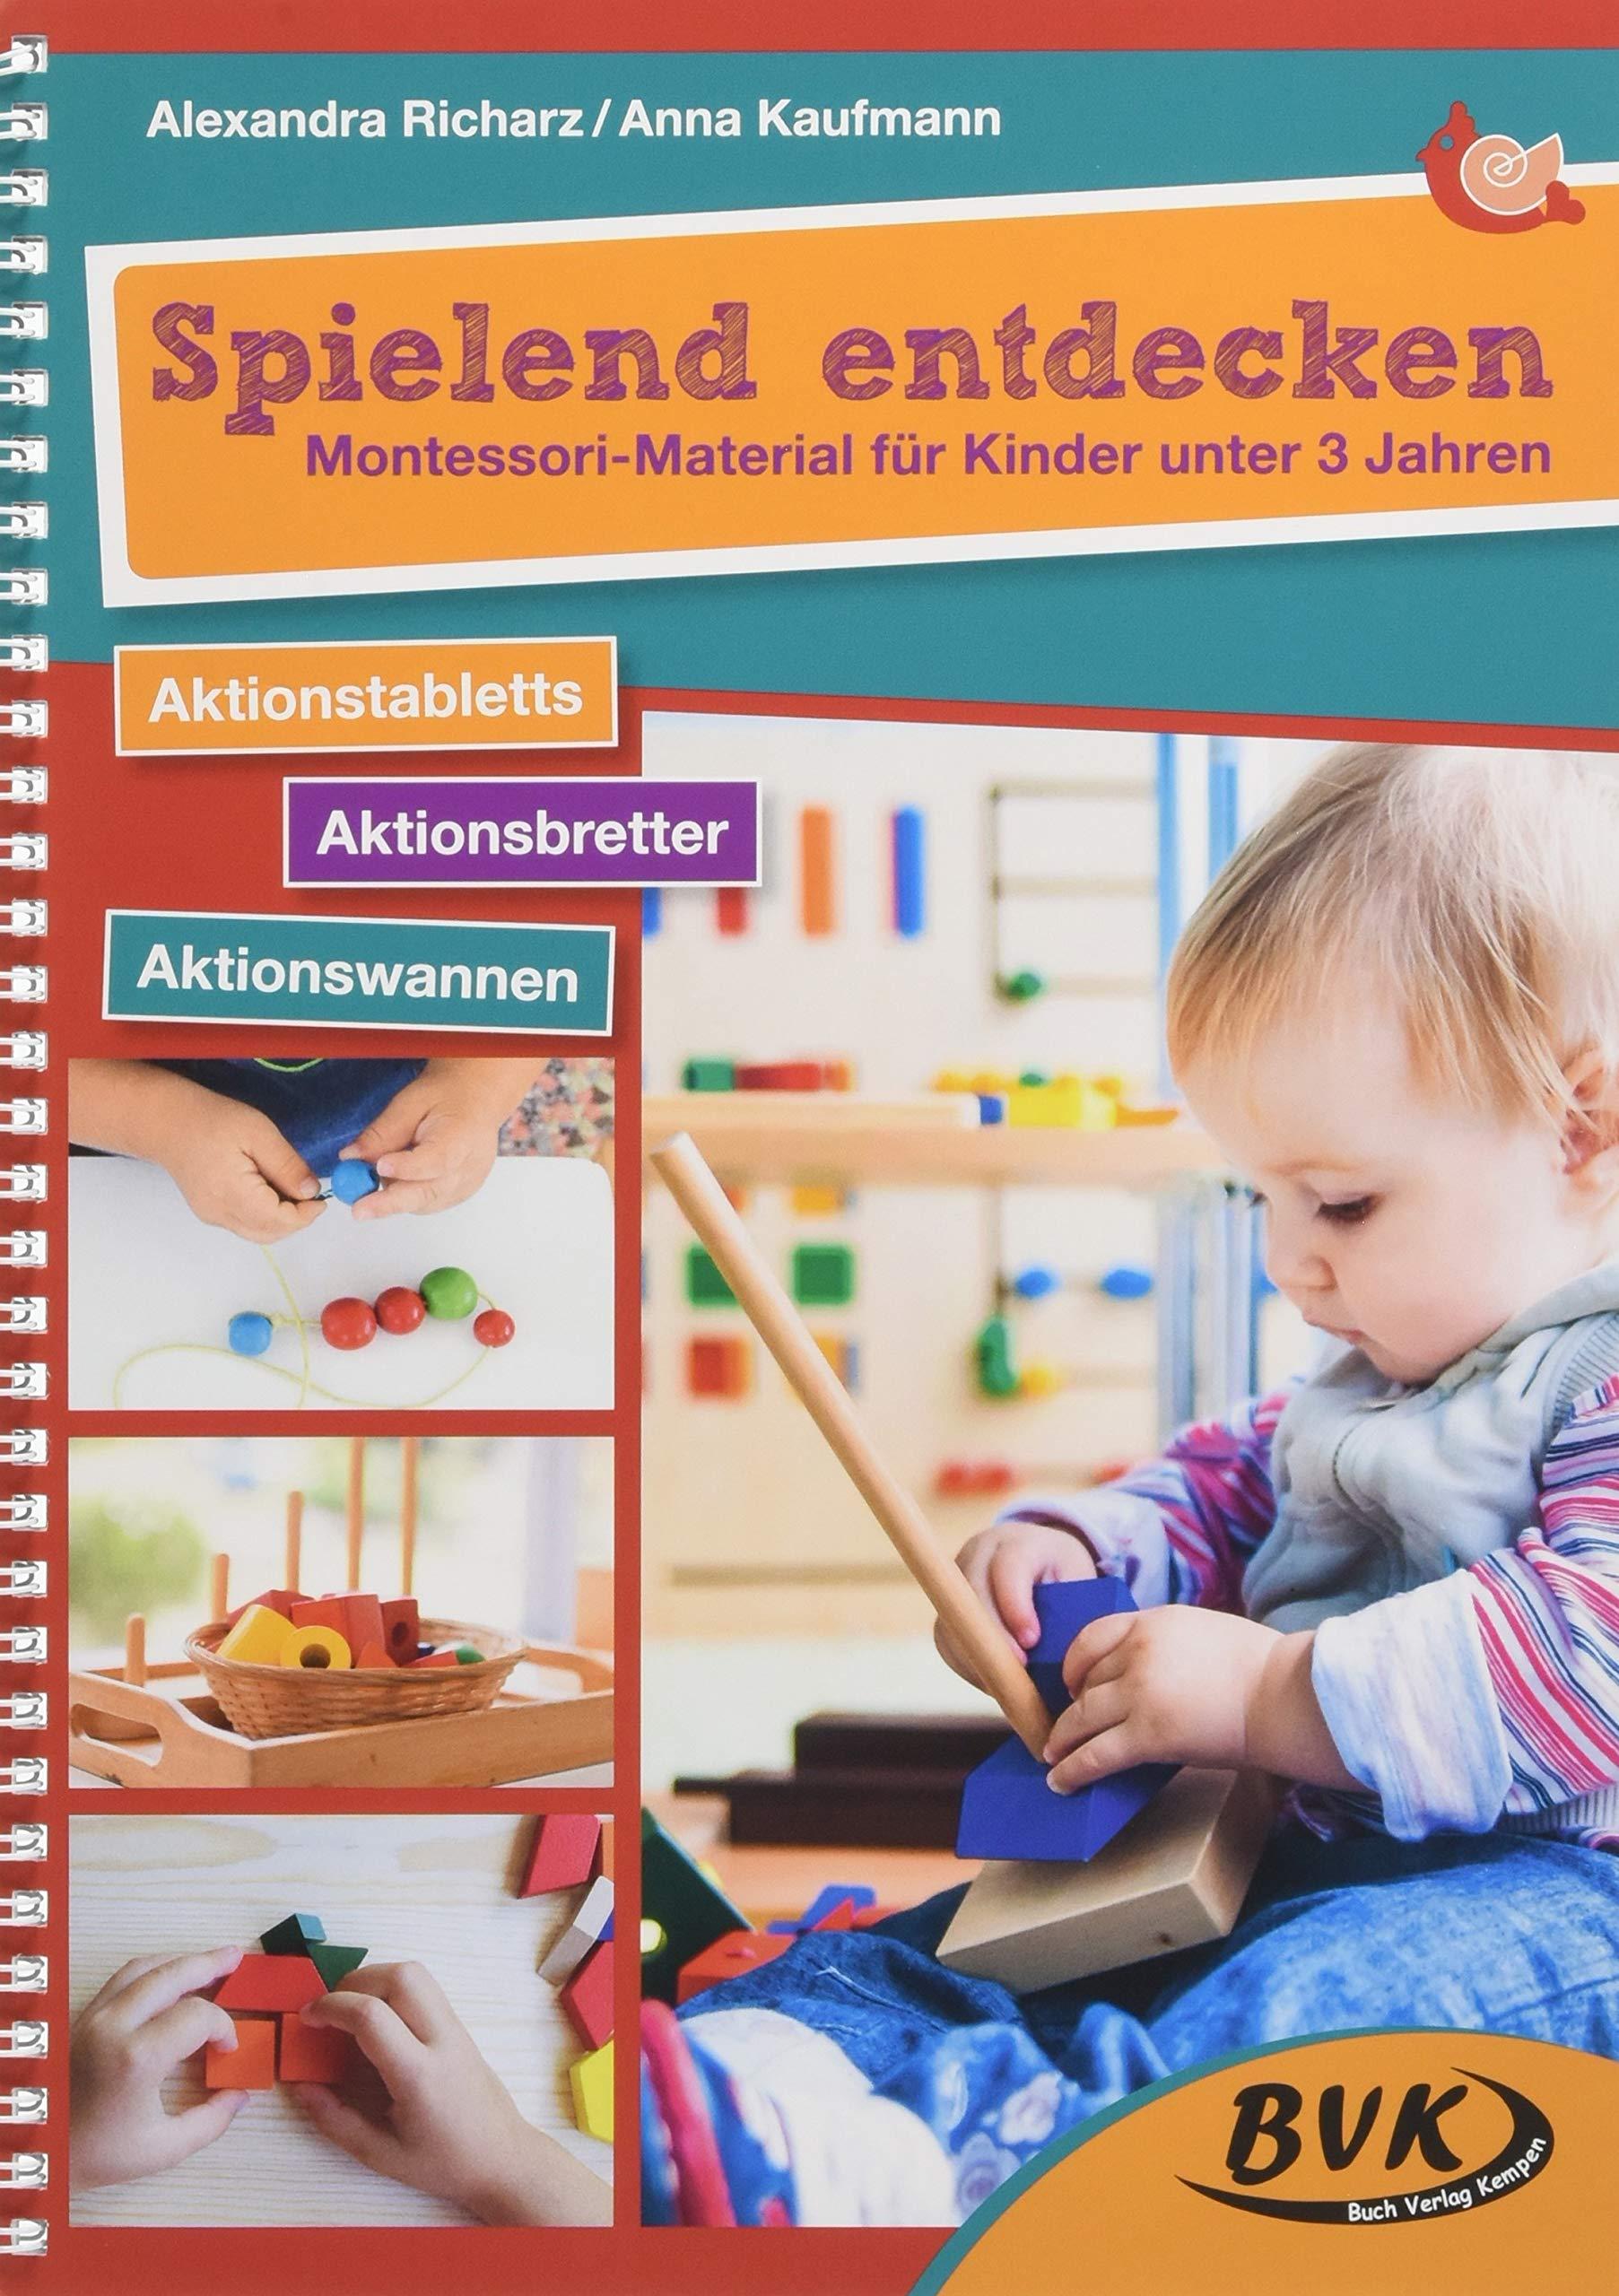 Top Spielend entdecken - Montessori-Material für Kinder unter 3 Jahren OI88